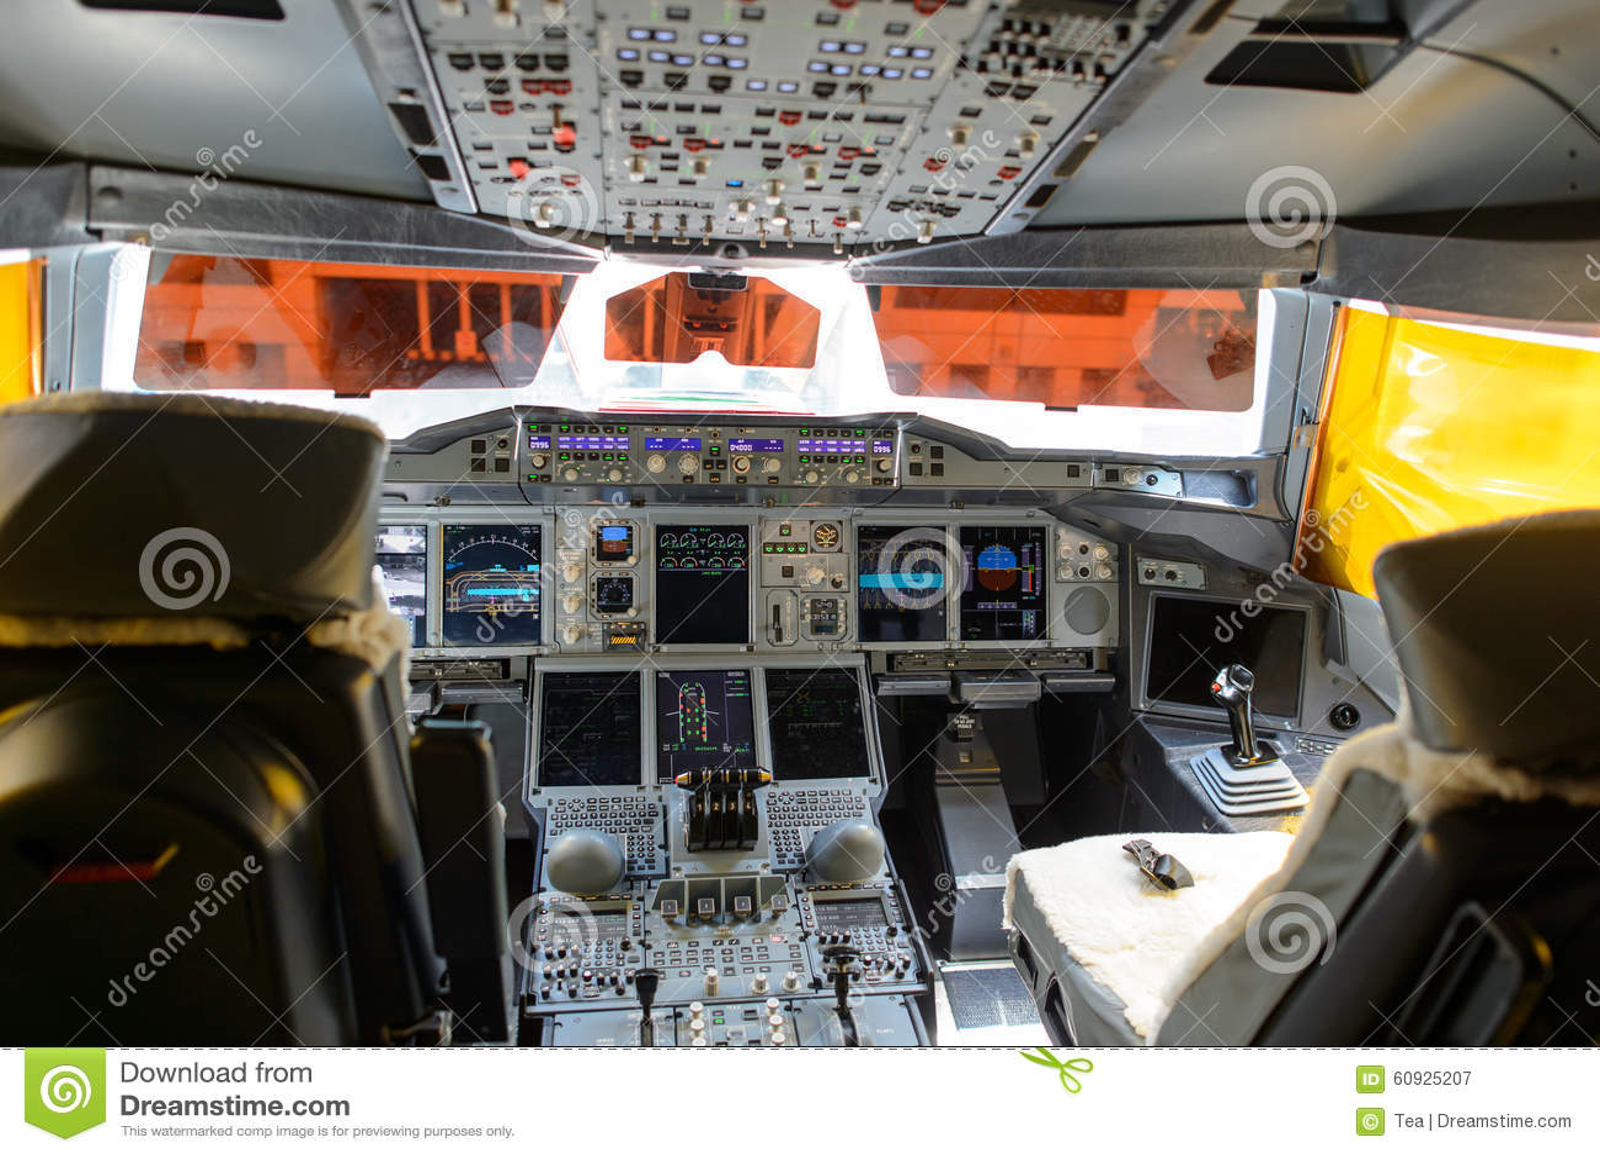 eminem a380 airbus interior - photo #34